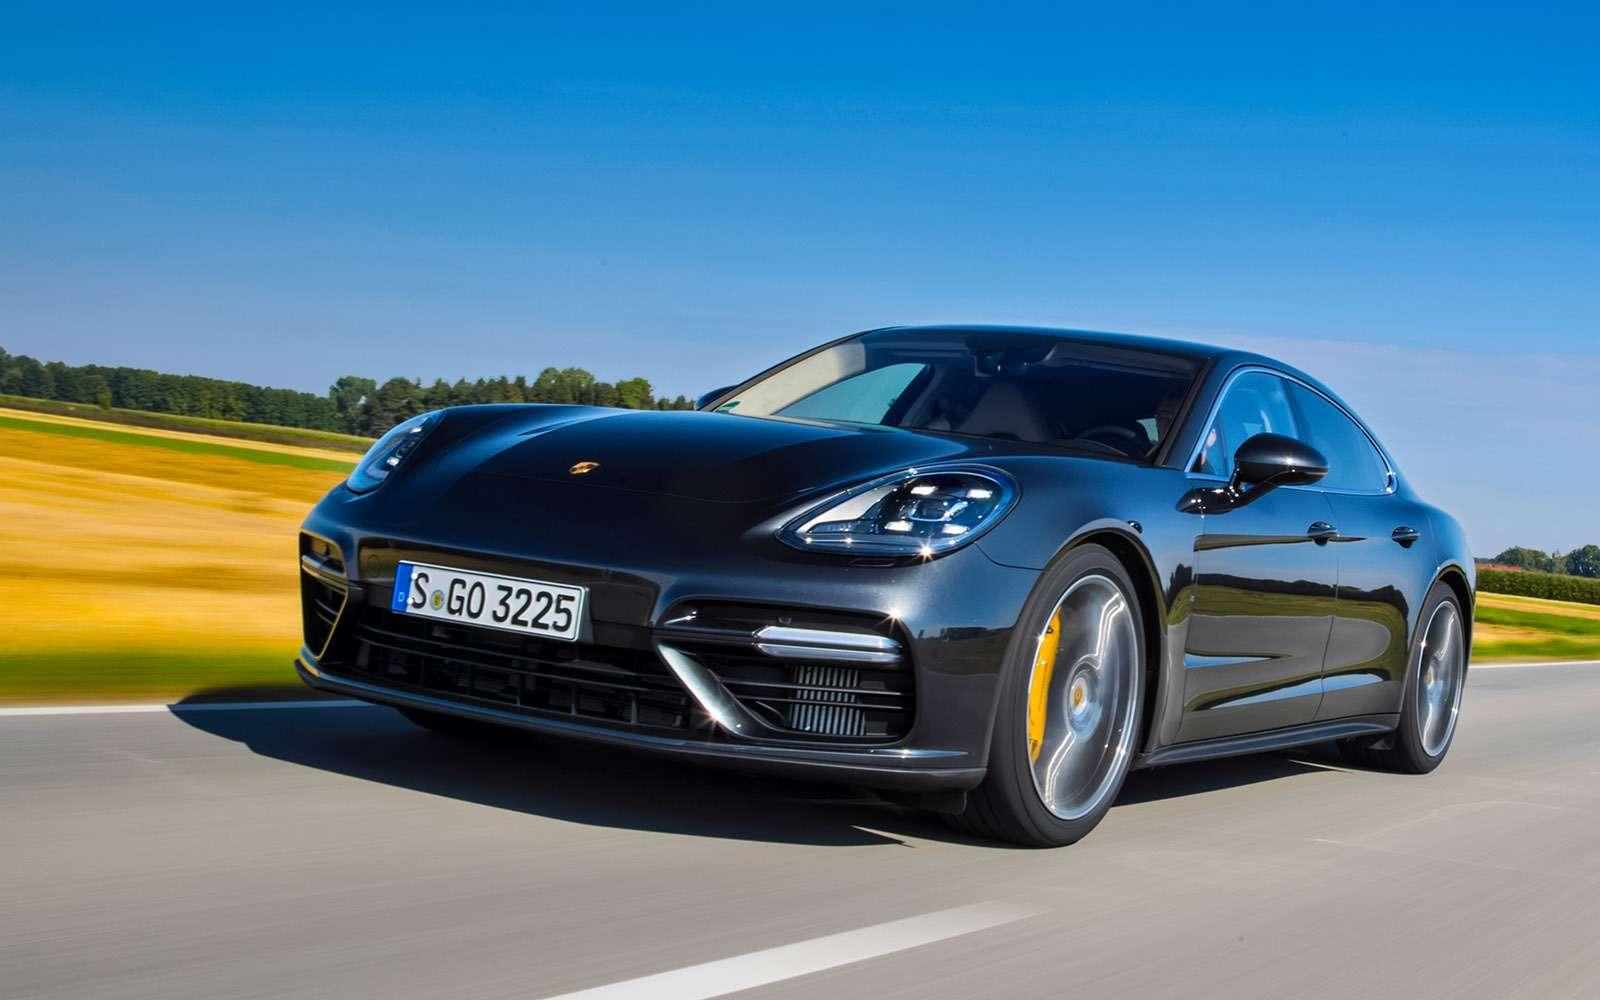 Porsche Panamera 2017: цитата из911— фото 644150